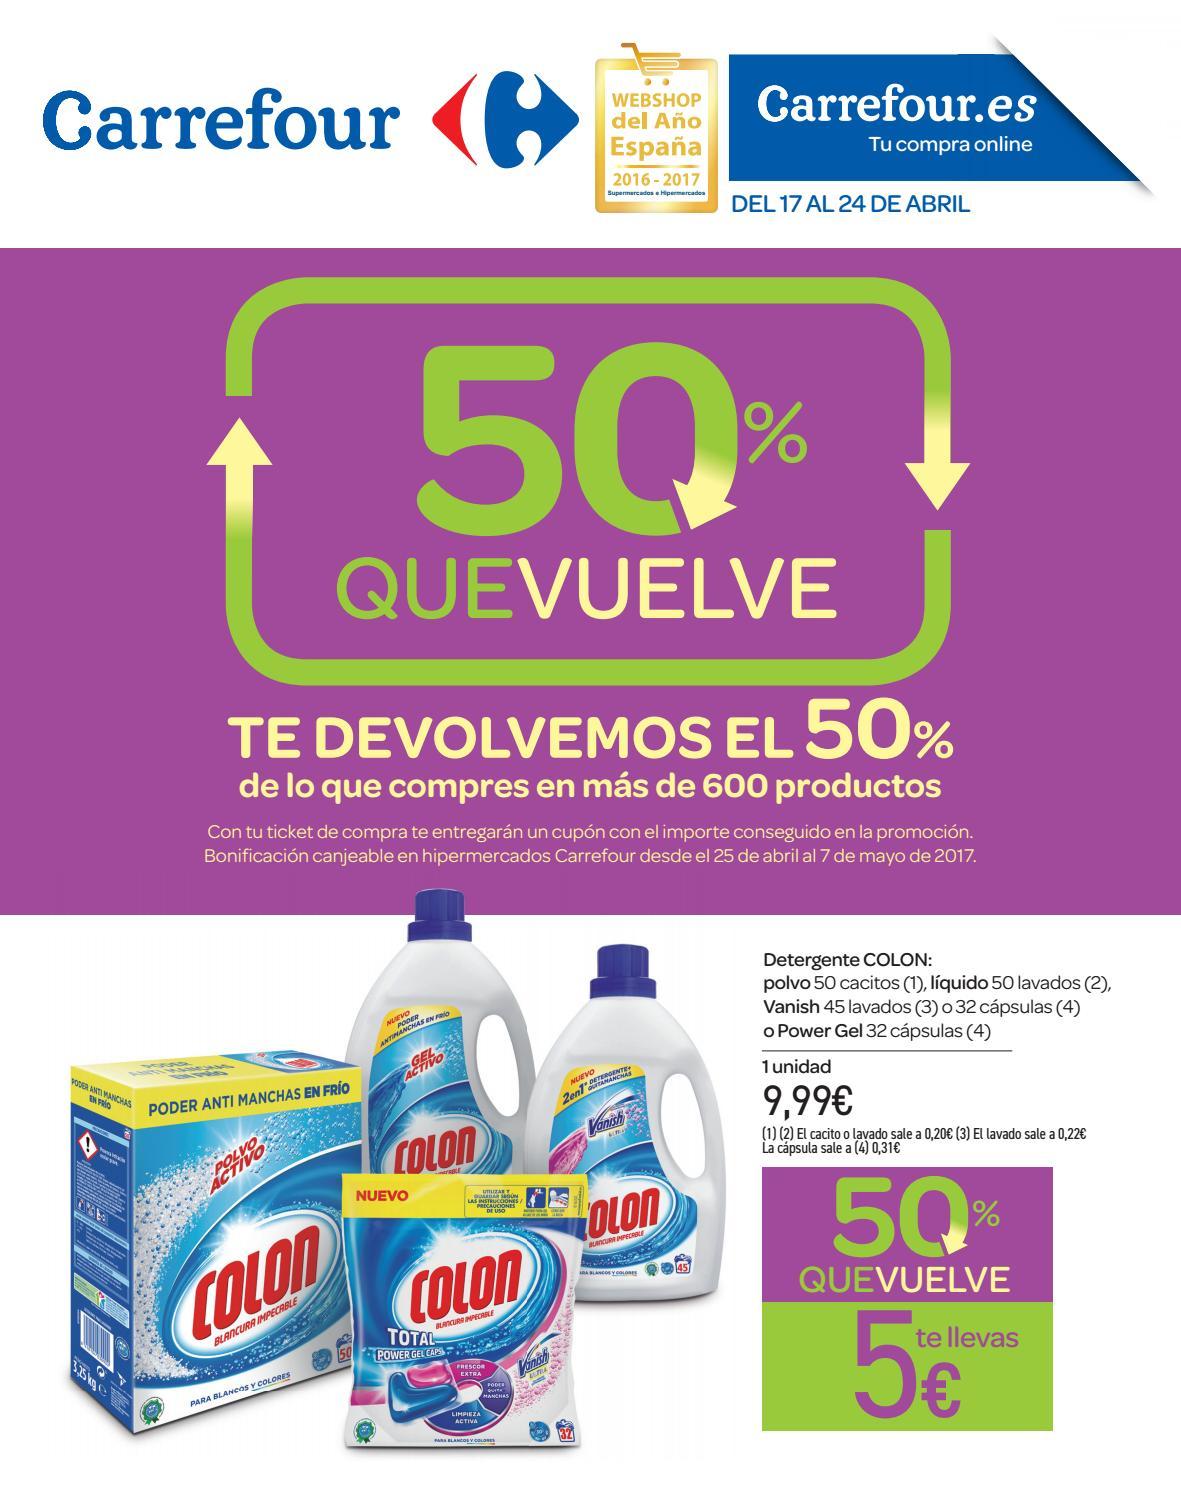 Issuu Que Vuelve 50by Folleto Carrefour 5l4a3rqcj Ofertas Supermercados 1ul3TKJFc